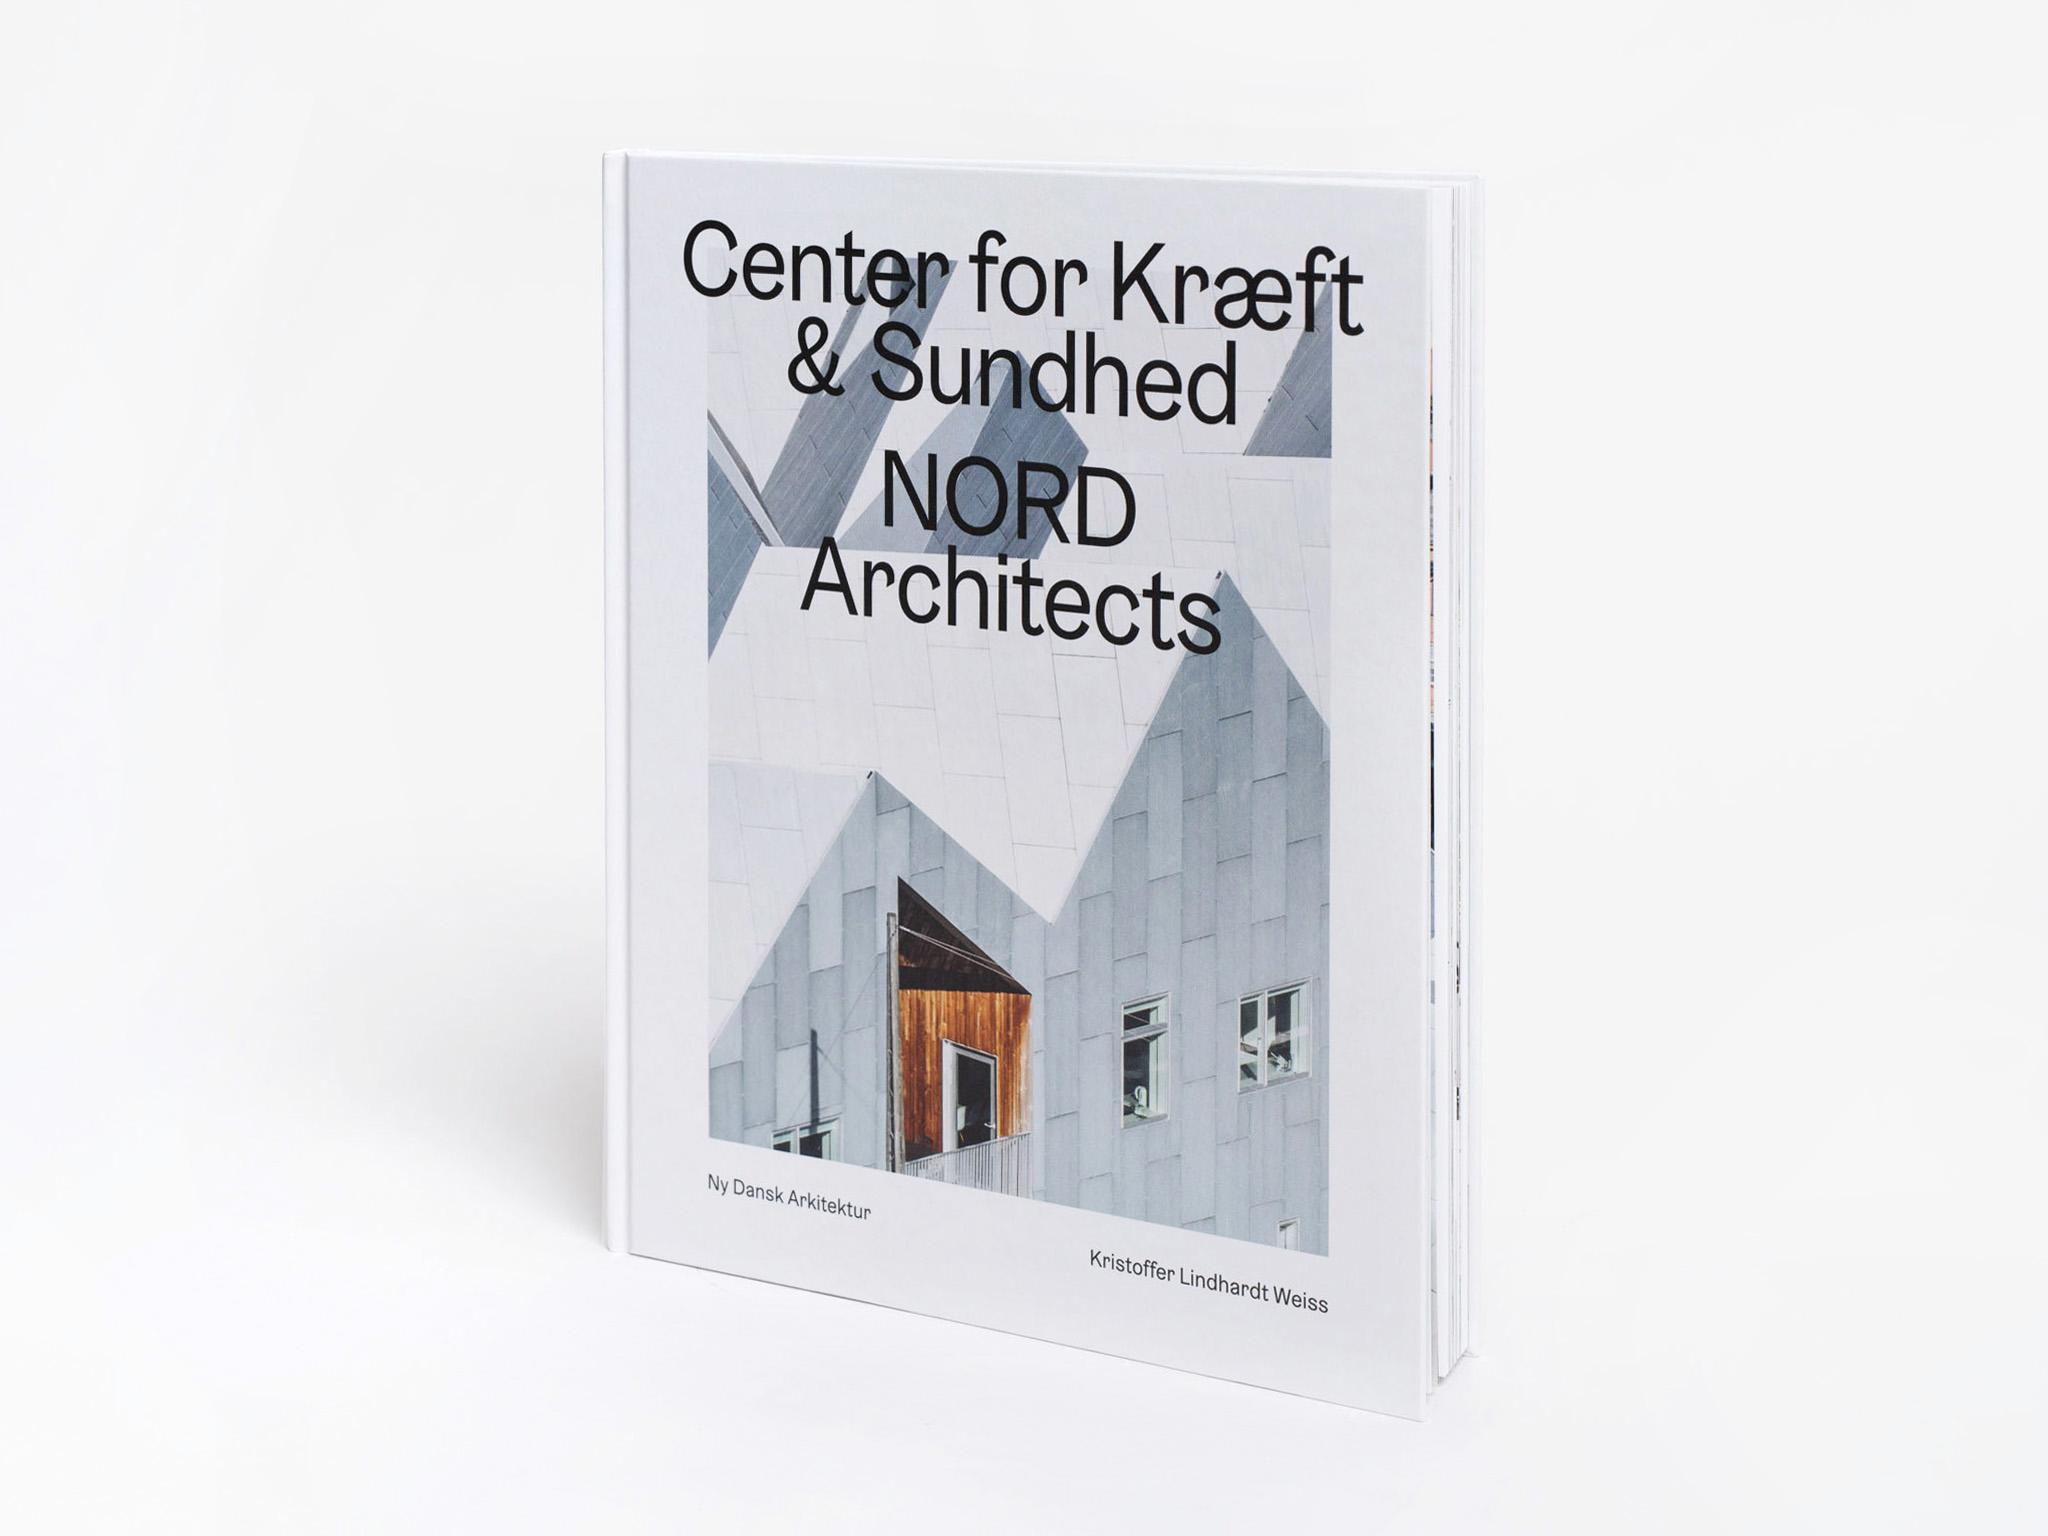 Bogen Ny Dansk Arkitektur omhandlende Center for Kræft og Sundhed